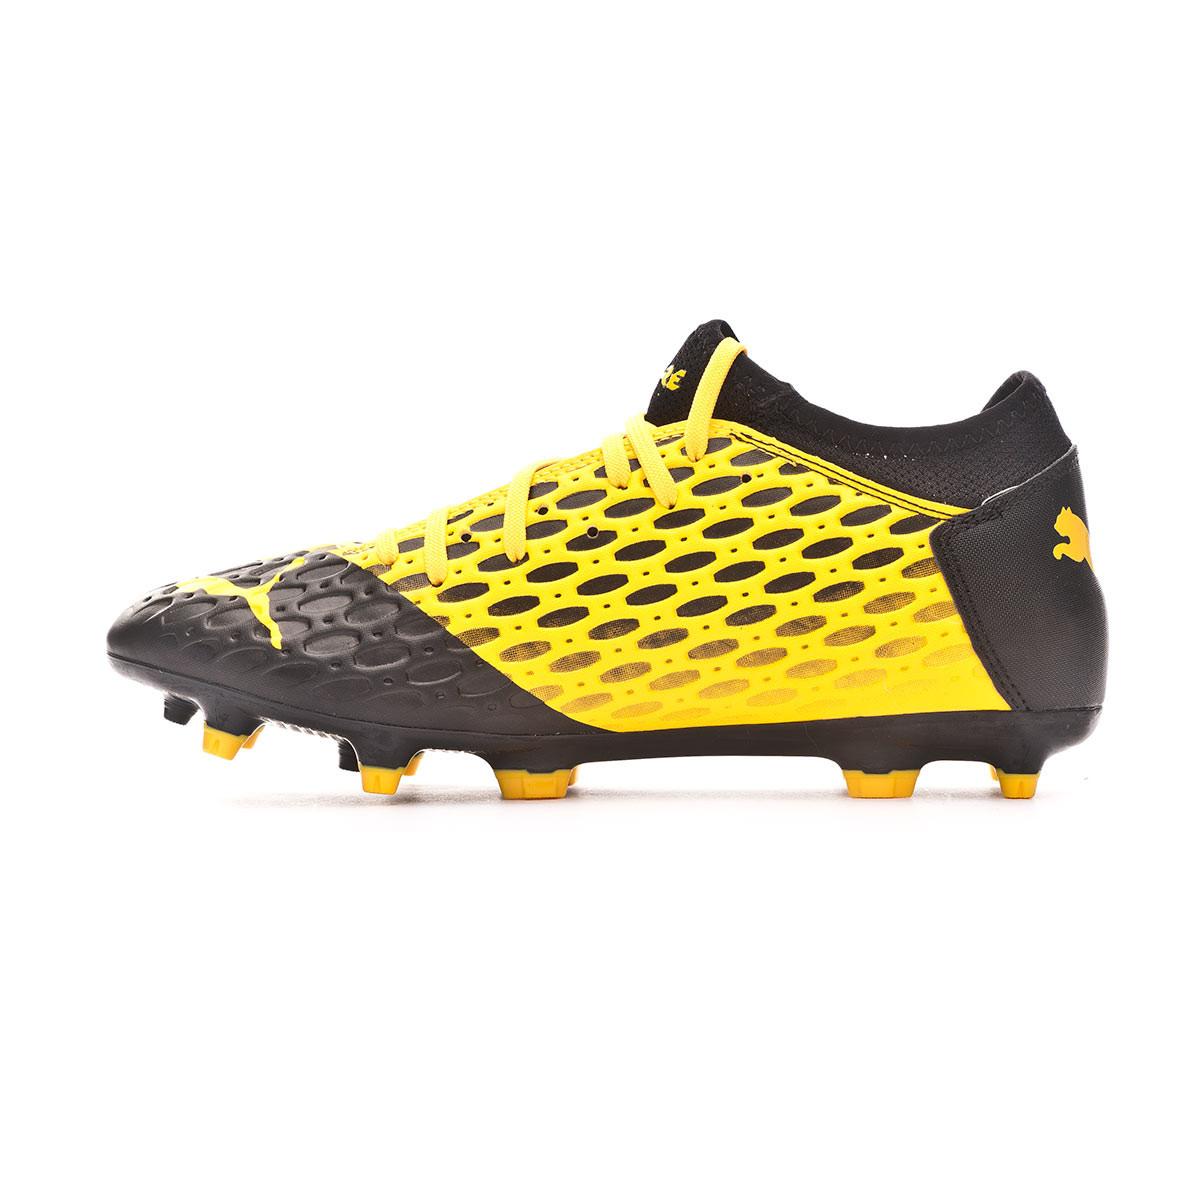 Football Boots Puma Future 5.4 FG/AG